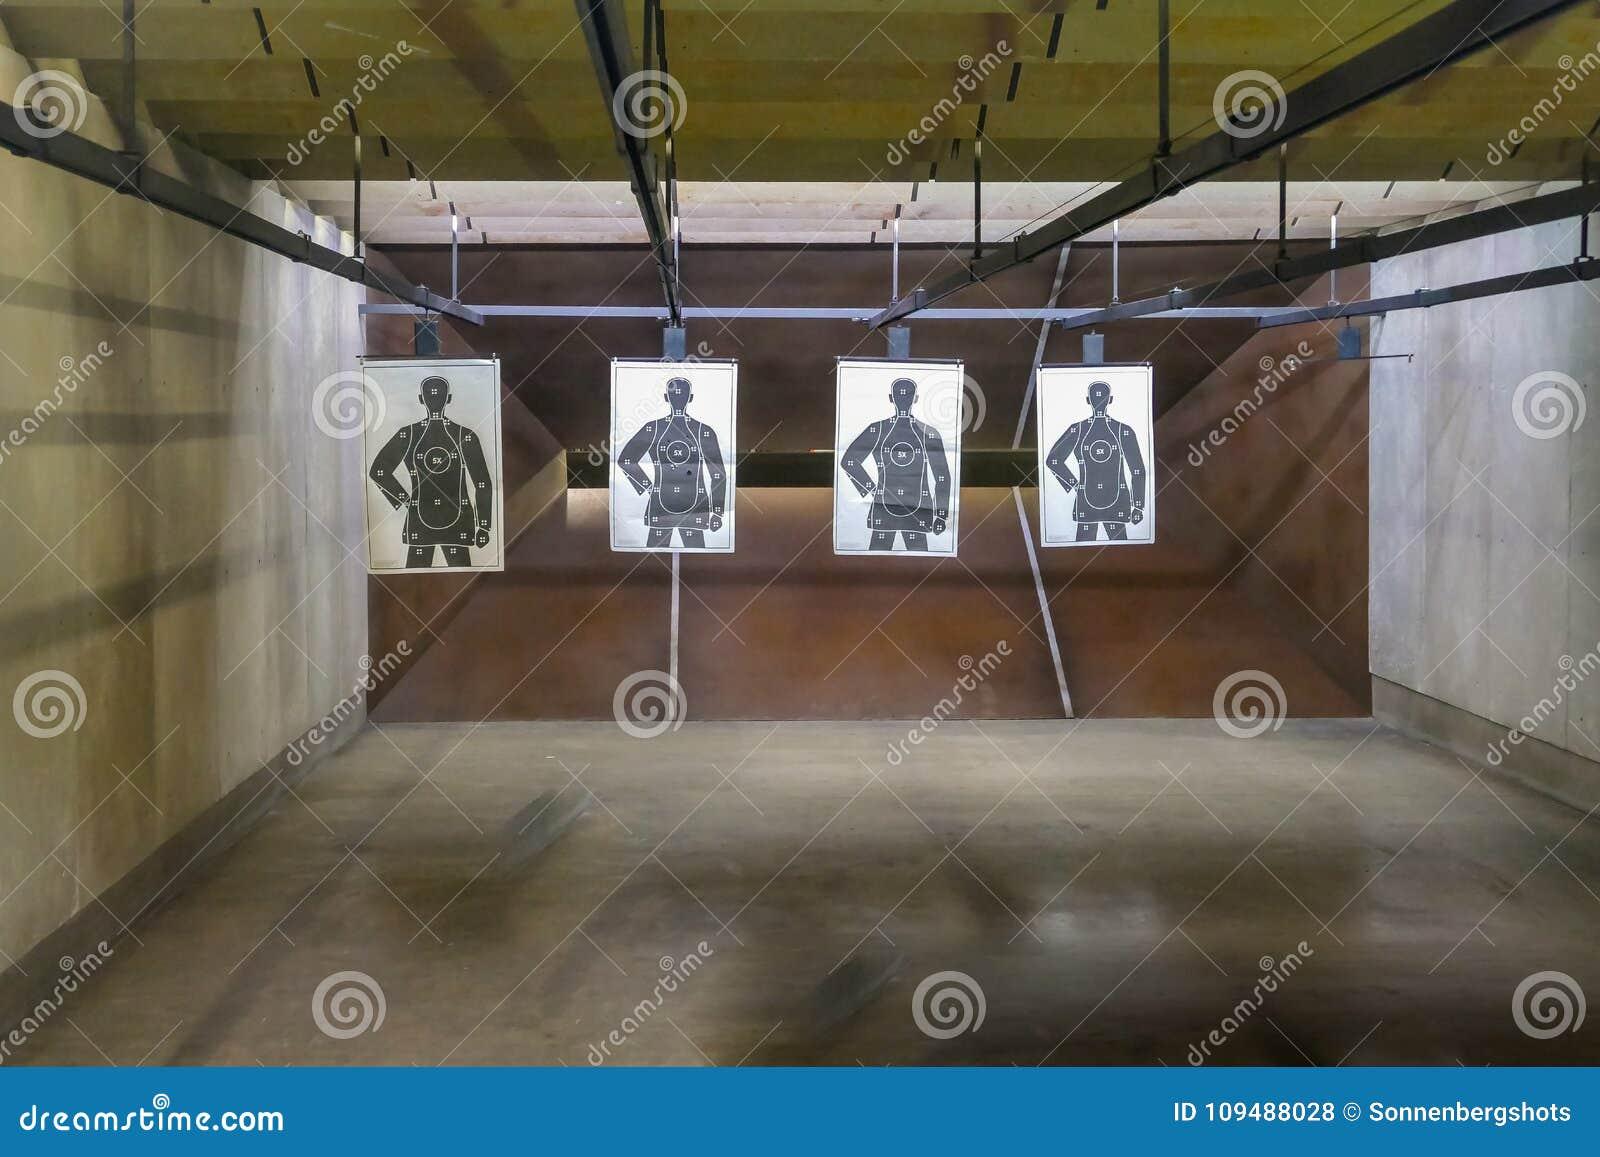 Vuurwapen die wijd geschotene waaier schieten